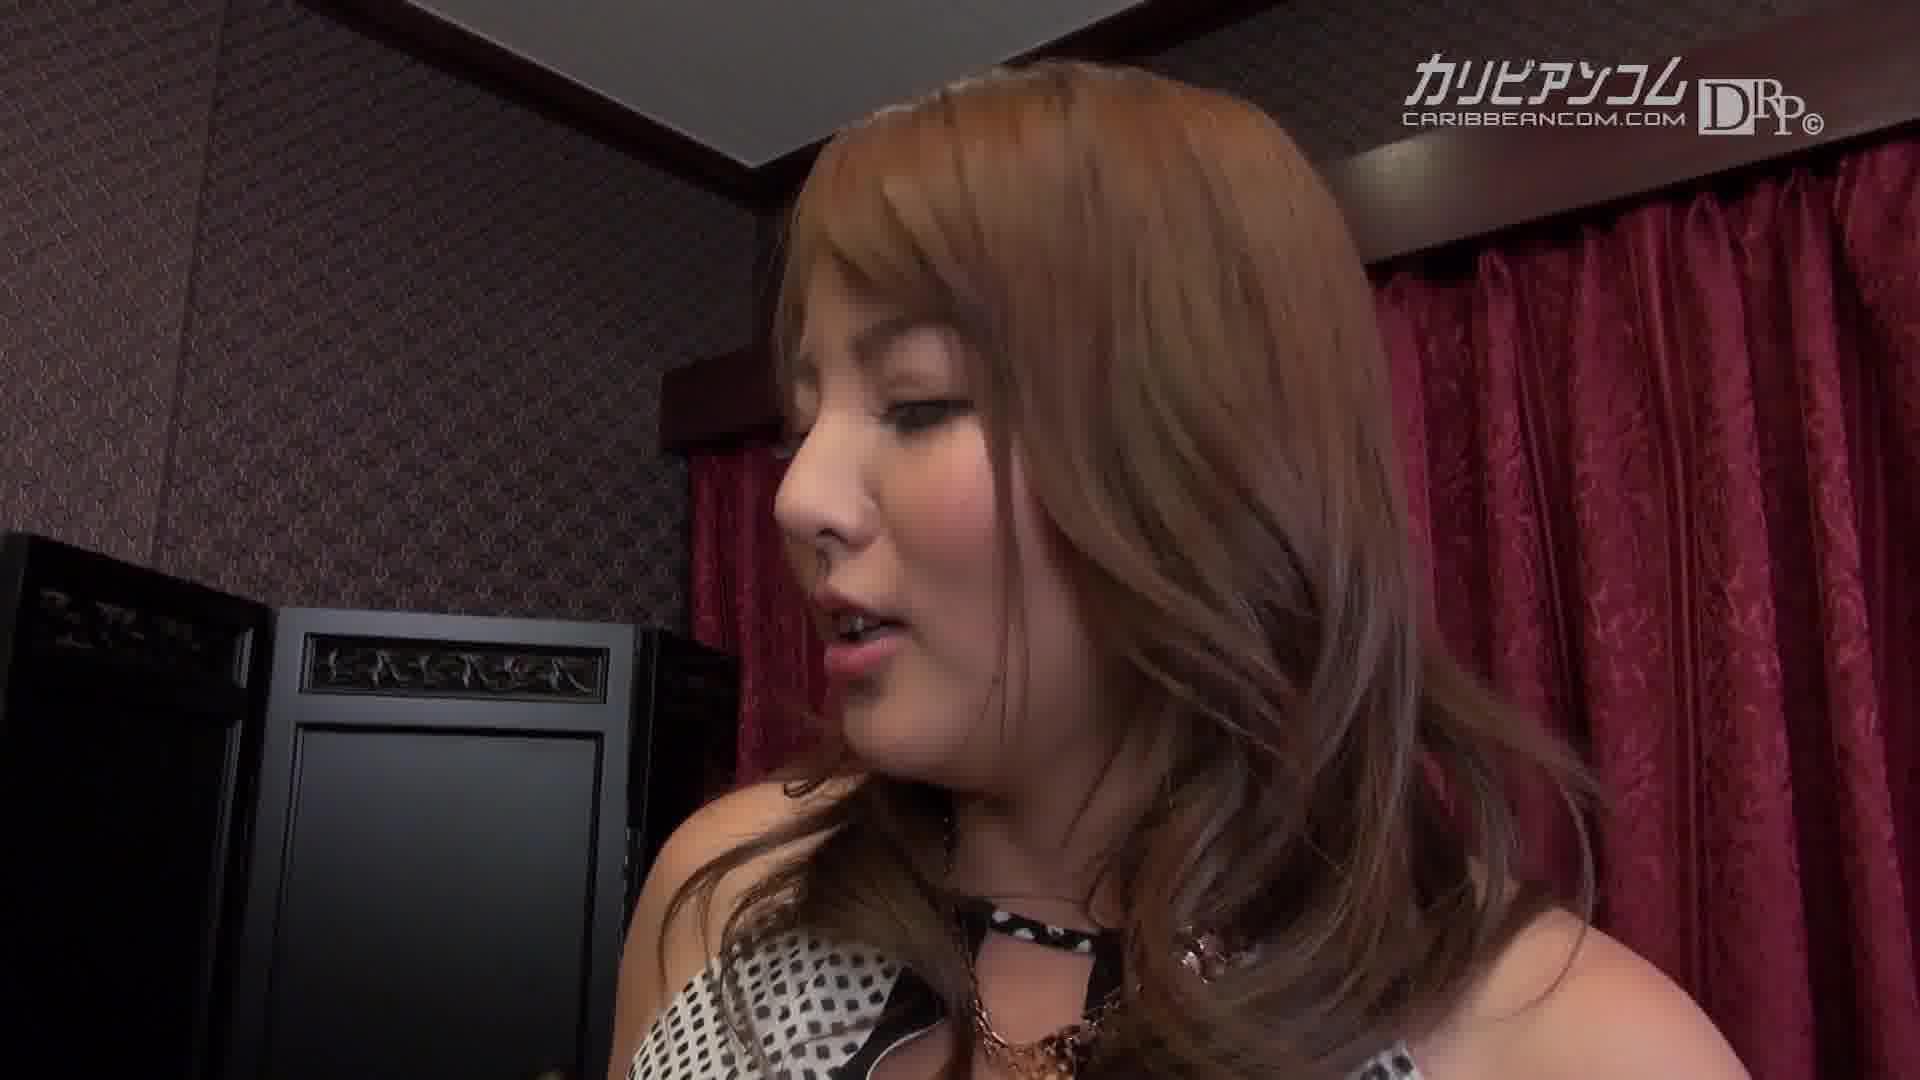 極デリヘル嬢 ~本当にAV女優とヤれるのかを検証~ - こずえまき【痴女・手コキ・中出し】